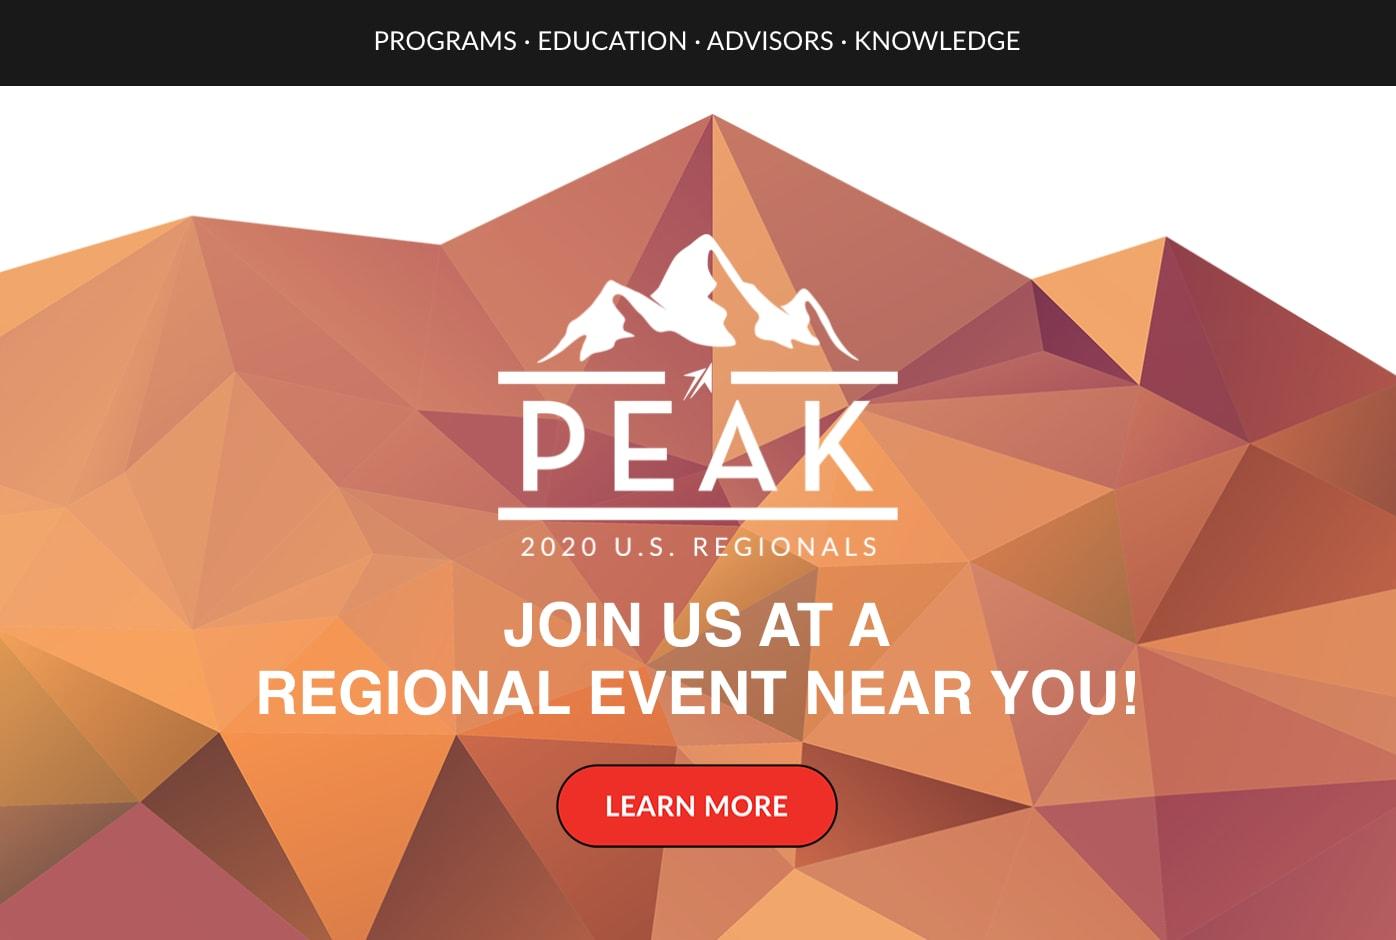 Peak Regionals 2020 Email